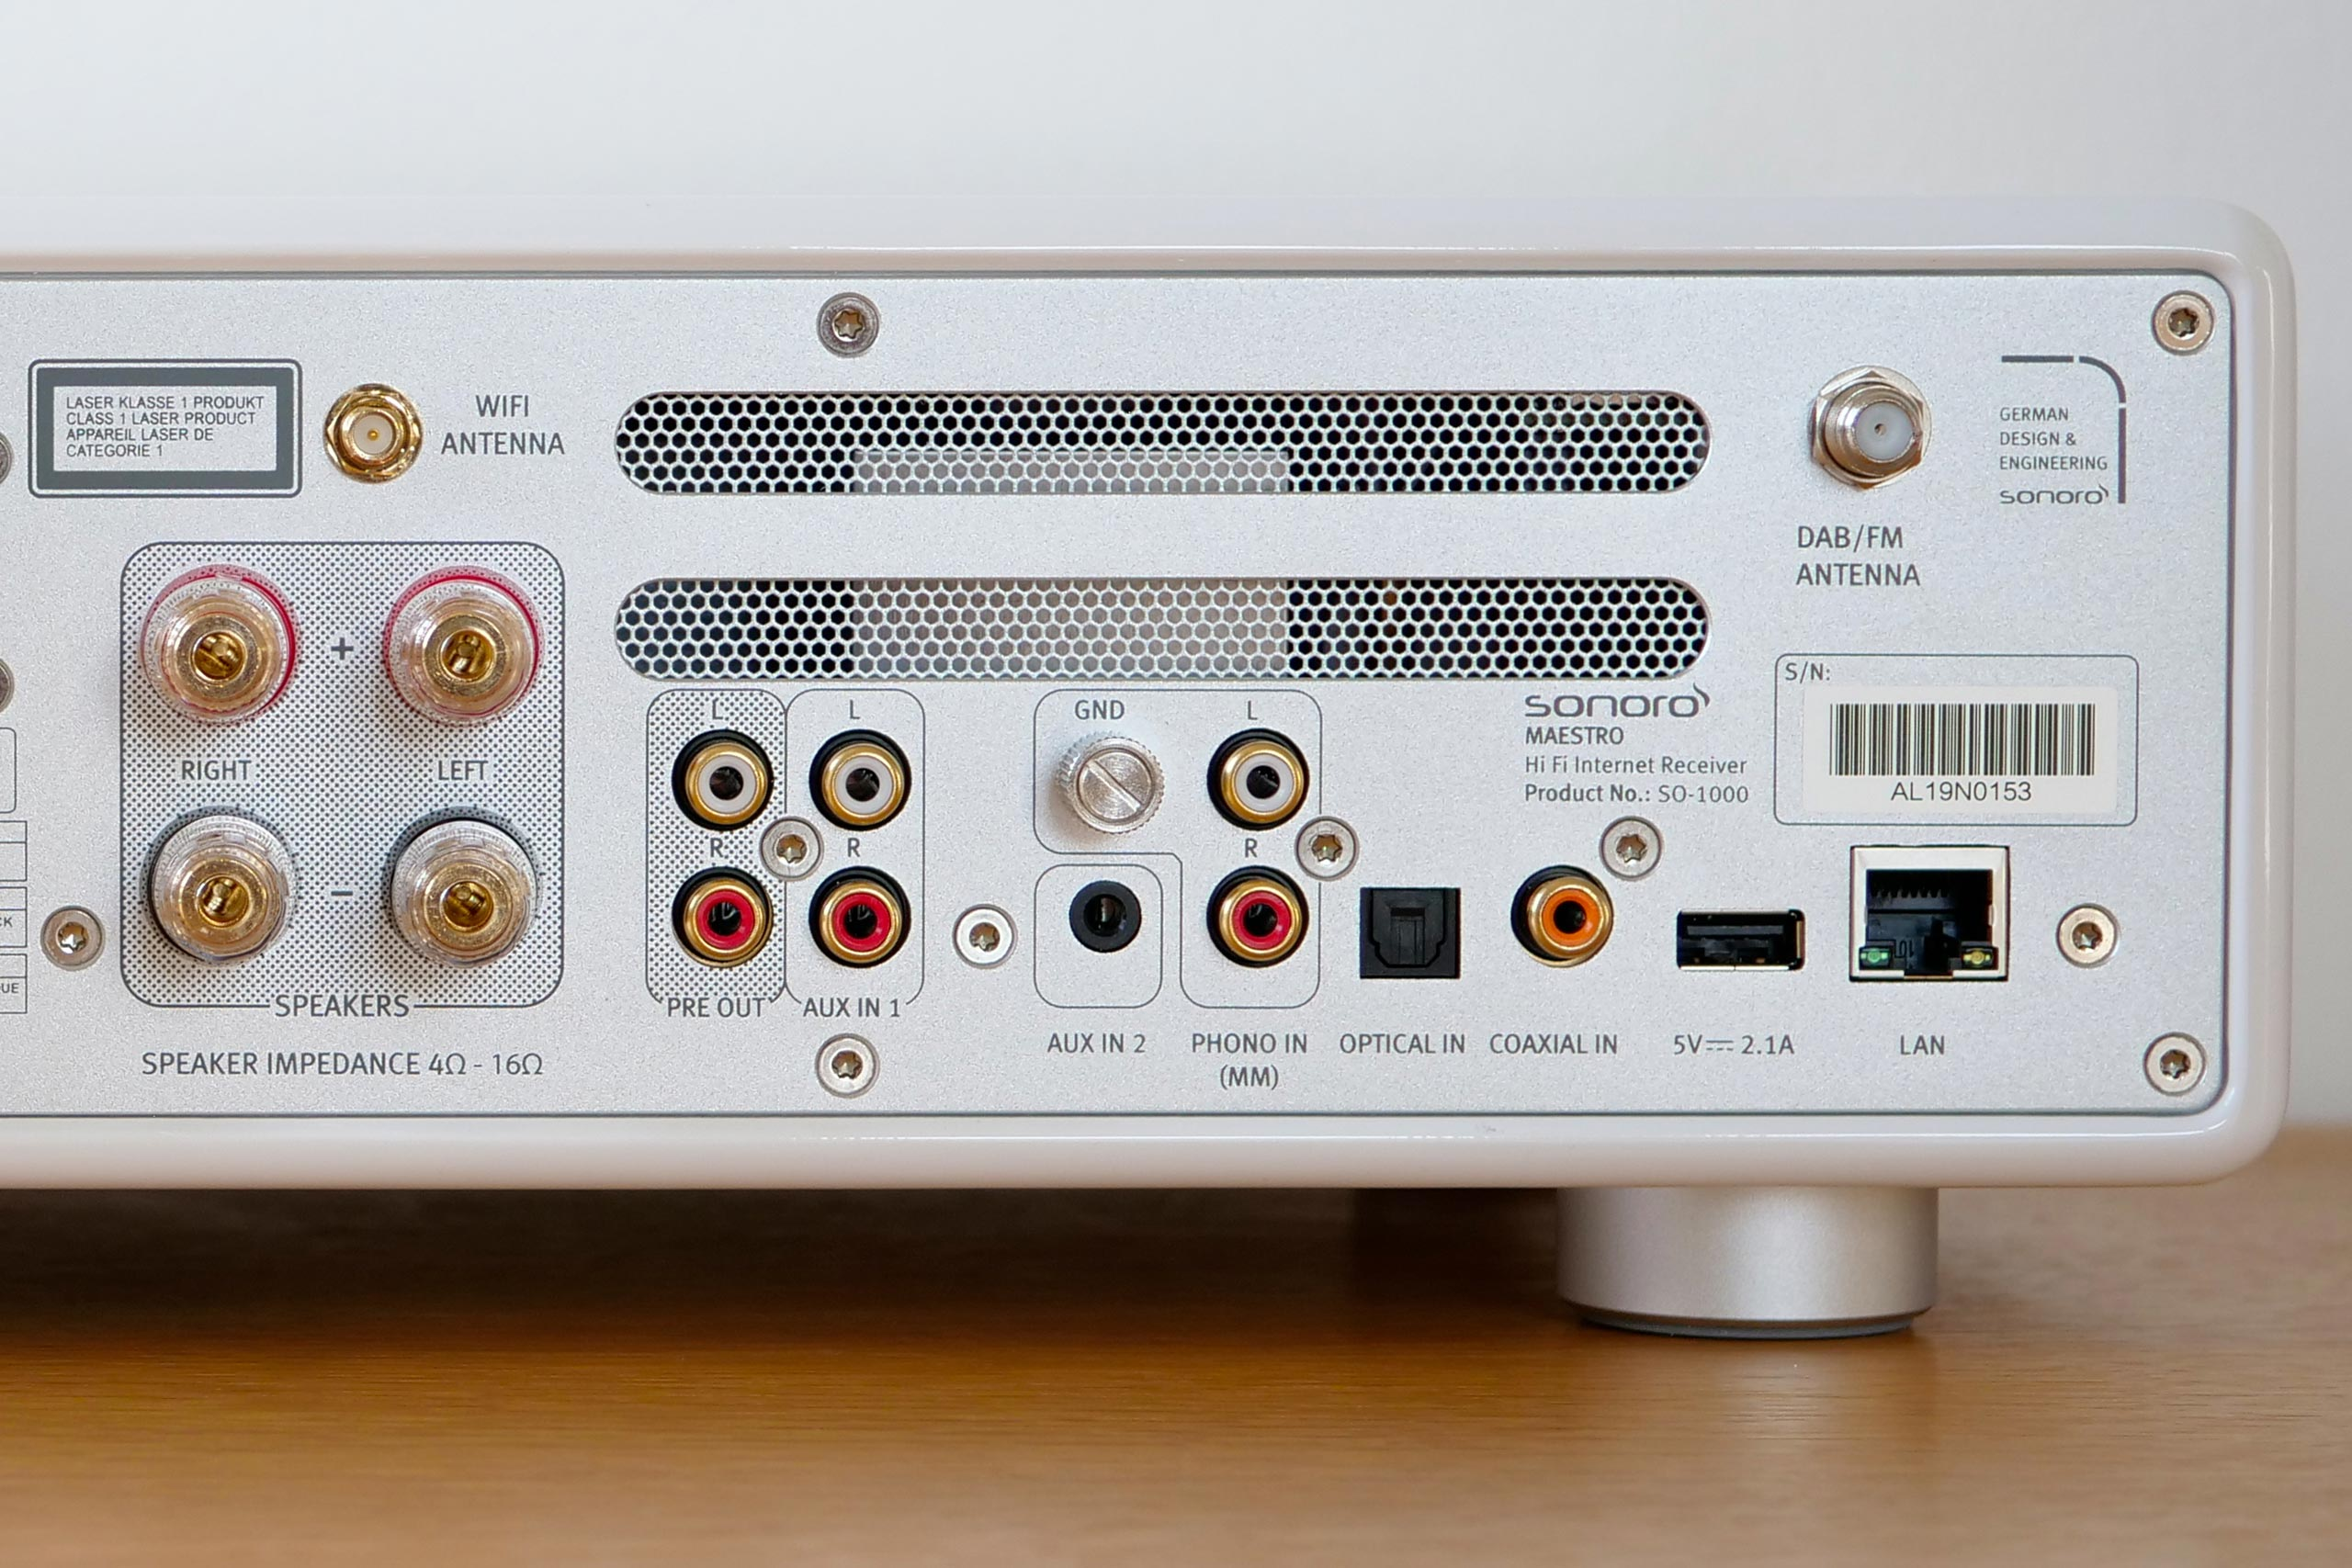 la Sonoro Maestro propose une riche connectique pour les sournces audio analogiques et numériques